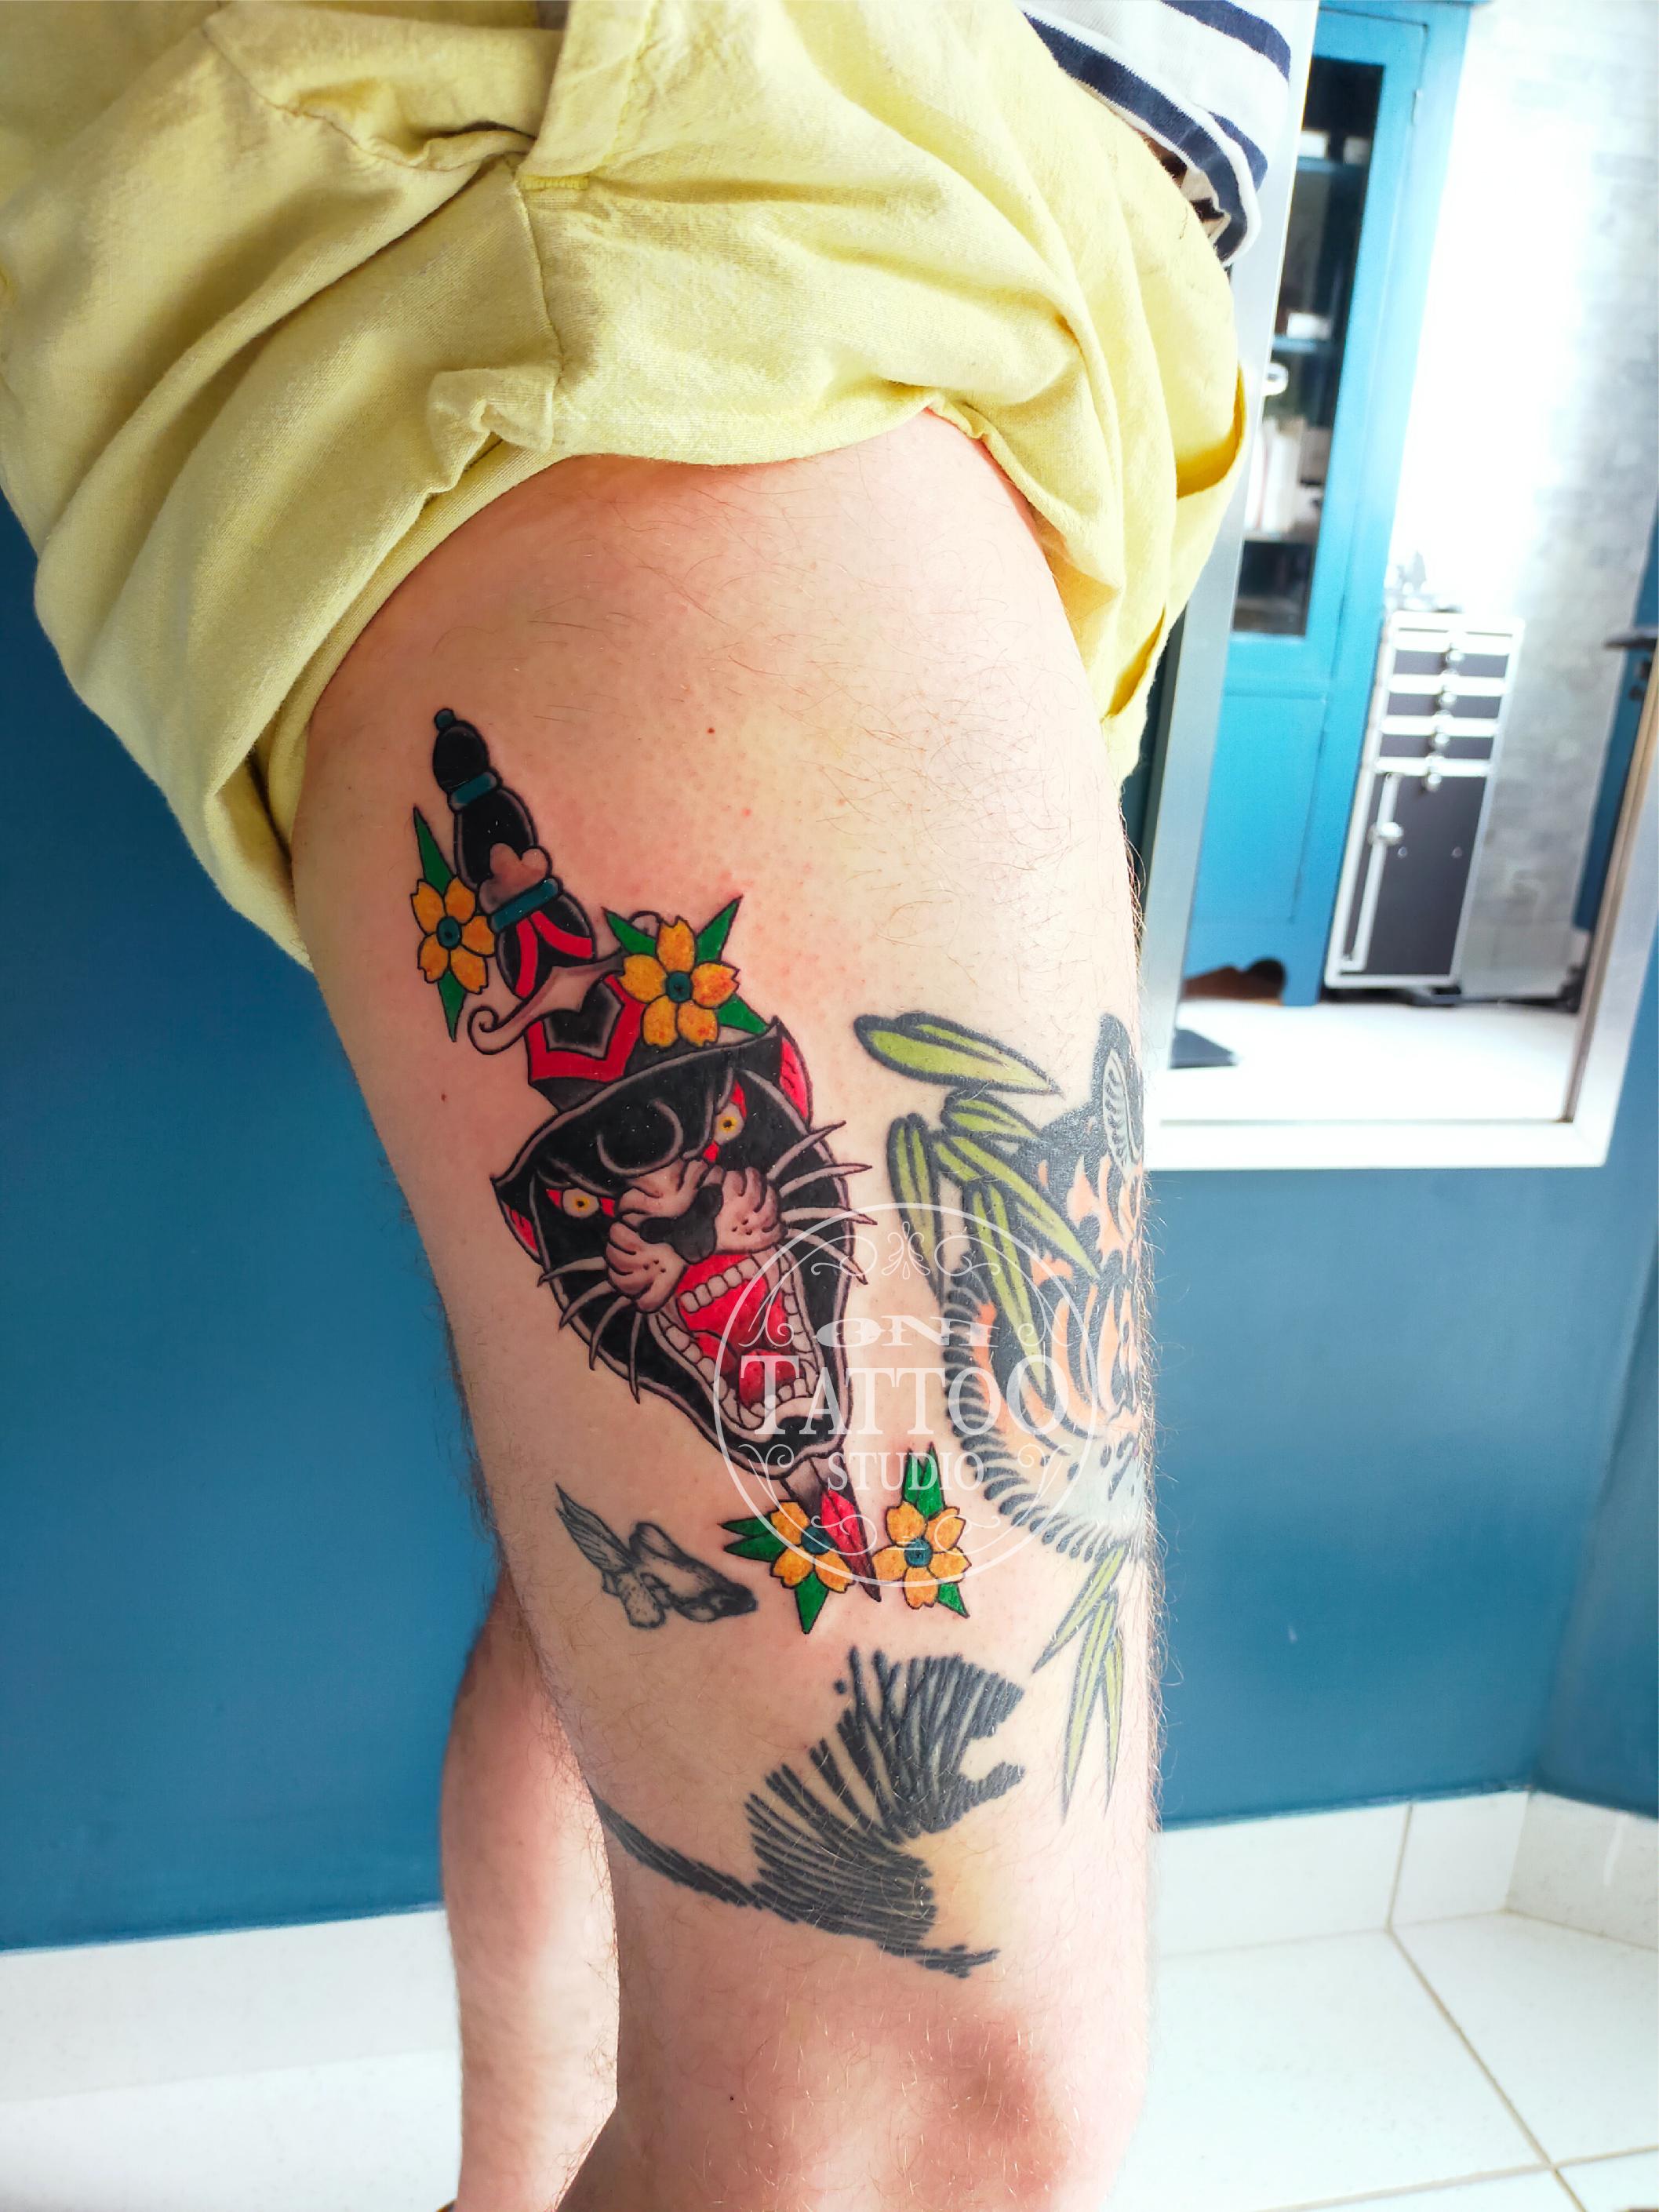 Oni_tattoo_lorient-Queven-Traditionnel-Old_school-Japonais-Tatouage_irezumi_trad_oldschool_panthere-noire-morbhan-guidel-ploemeur-gestel-quimperle_dague-noir-et-gris